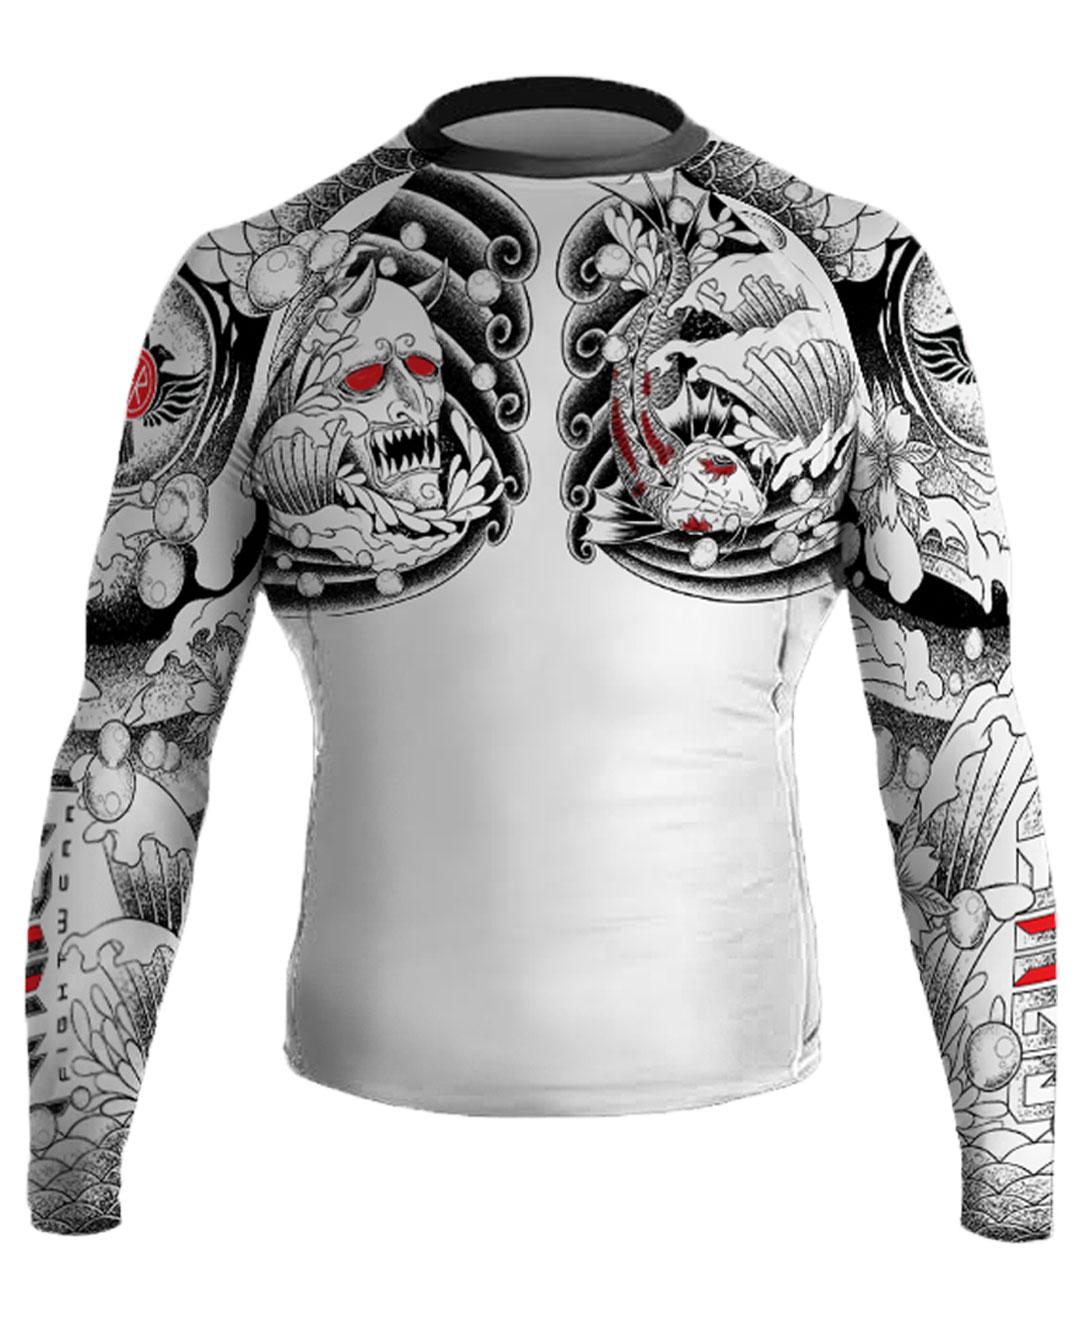 Raven Fightwear Men/'s Huitzilopochtli Aztec Rash Guard MMA BJJ Black